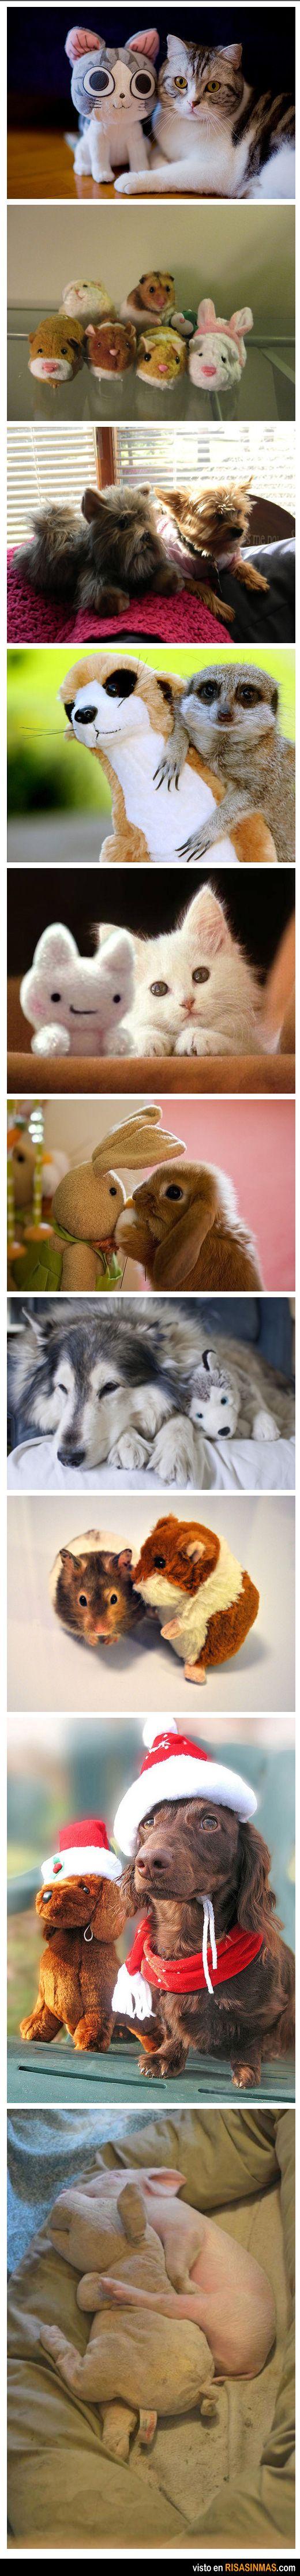 Simpática colección de imágenes de animales con peluches de ellos mismos.